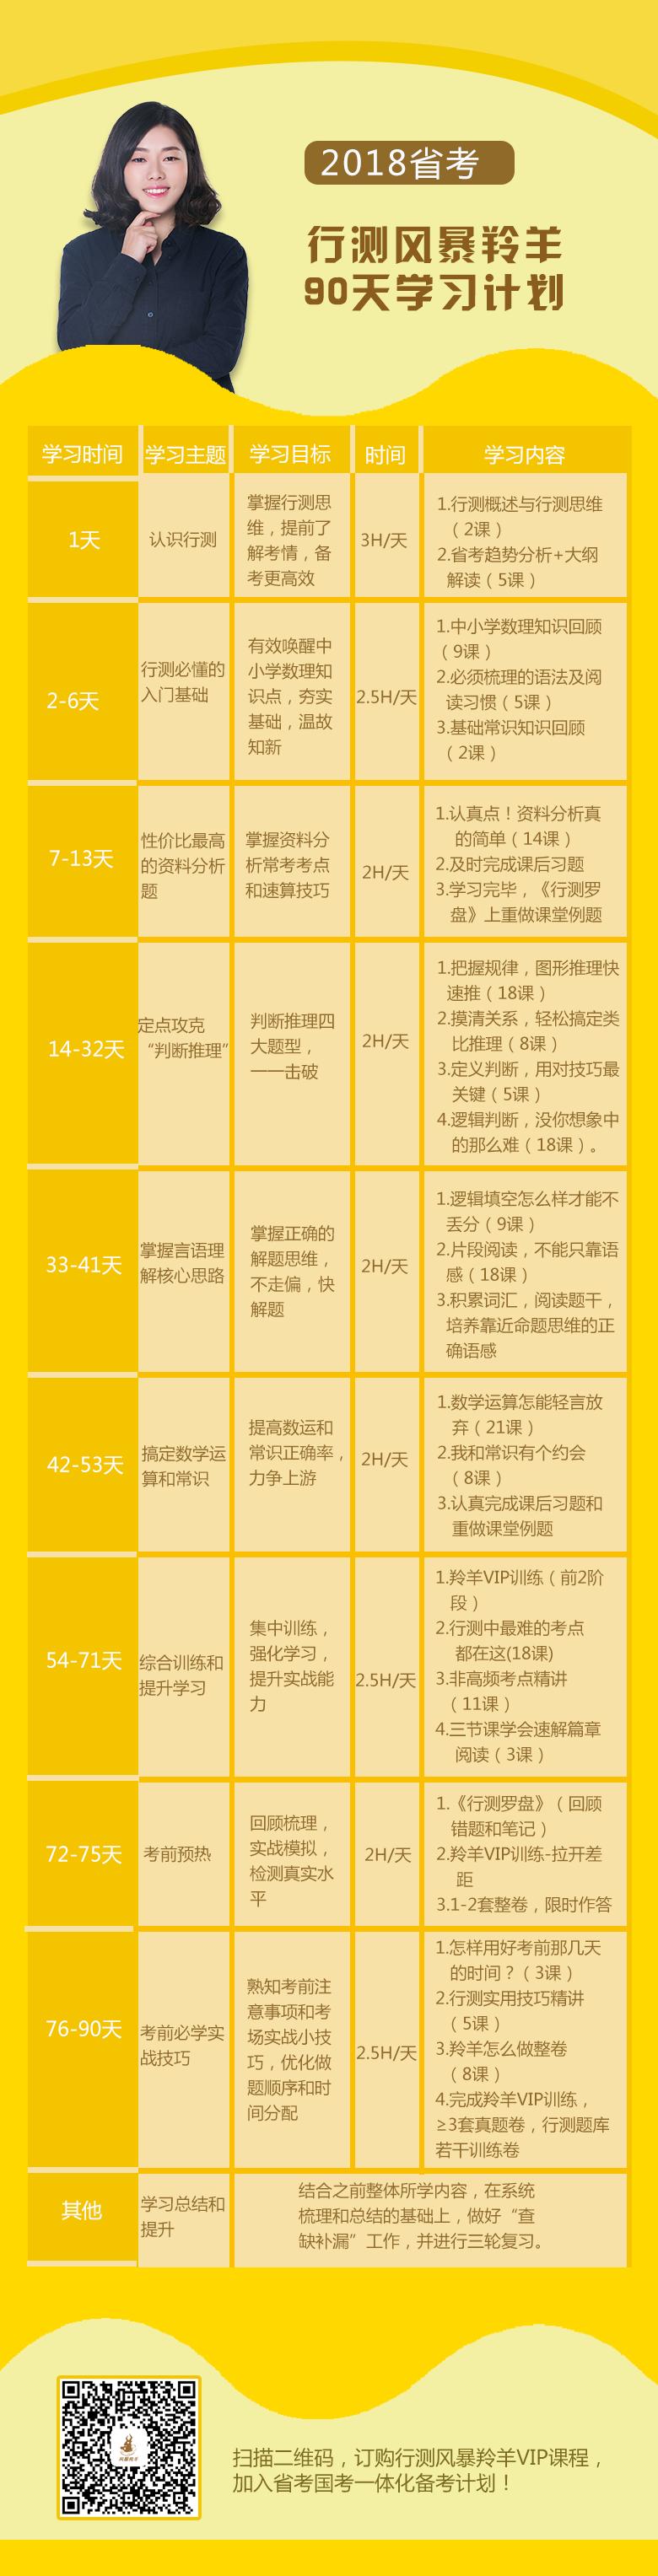 行测风暴羚羊2018省考90天学习计划4.png